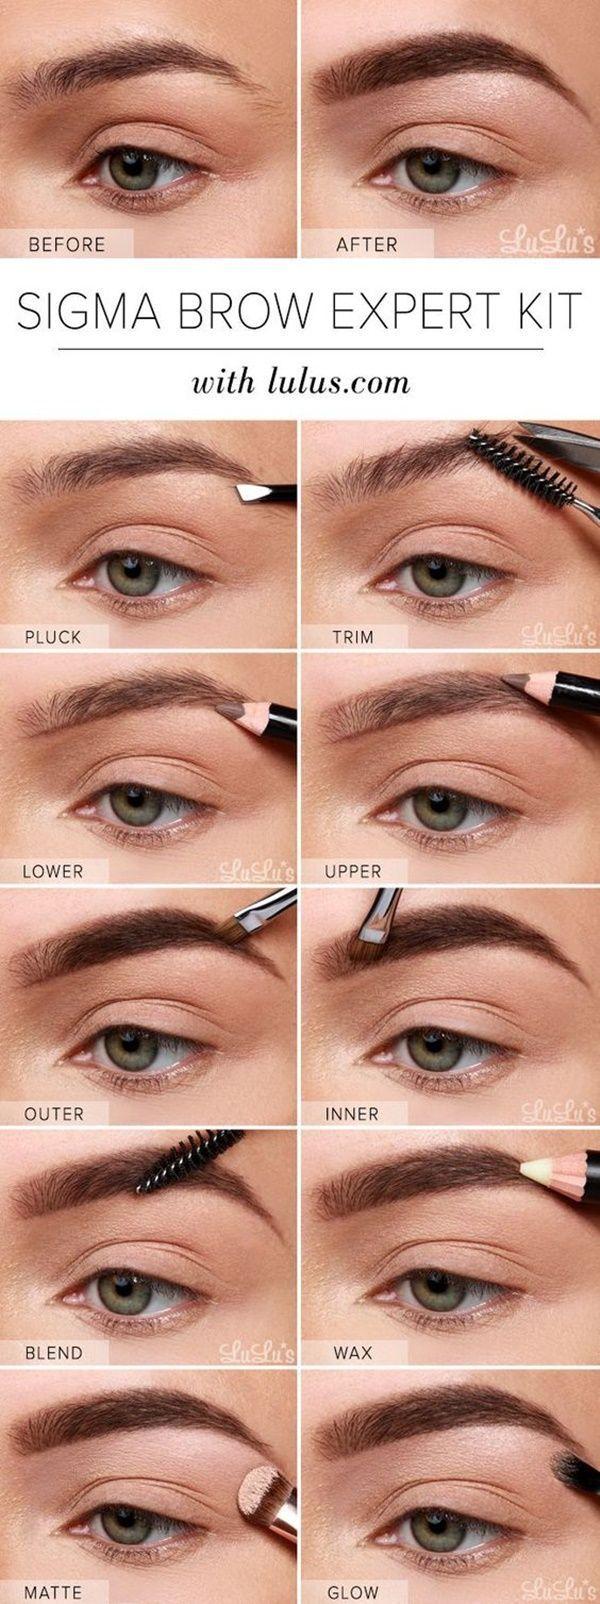 Augenbrauen gekonnt in Form gebracht. #Augenbrauen…